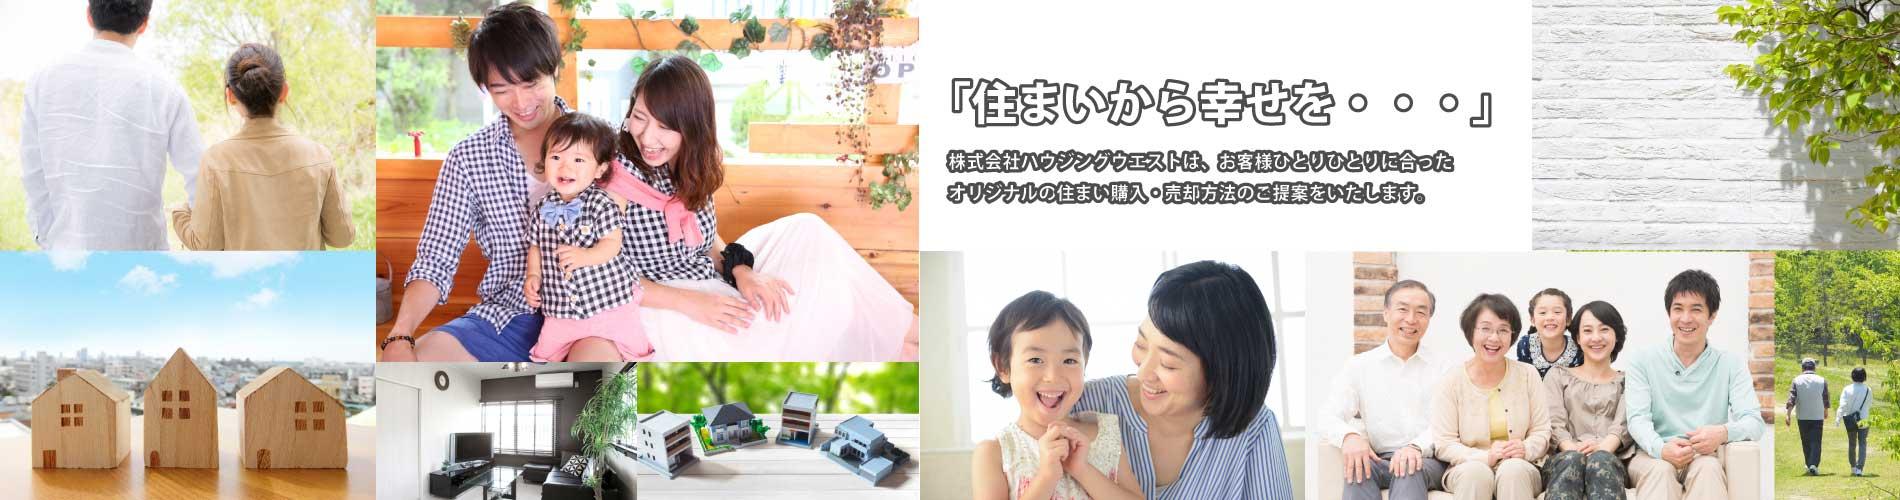 株式会社ハウジングウエストは、東京都東村山市を中心とした東京多摩地区、西武池袋線、新宿線沿線、東武東上線沿線、23区(特に城東・城西エリア)の不動産物件を売主、また販売代理を原則としてご紹介しております。